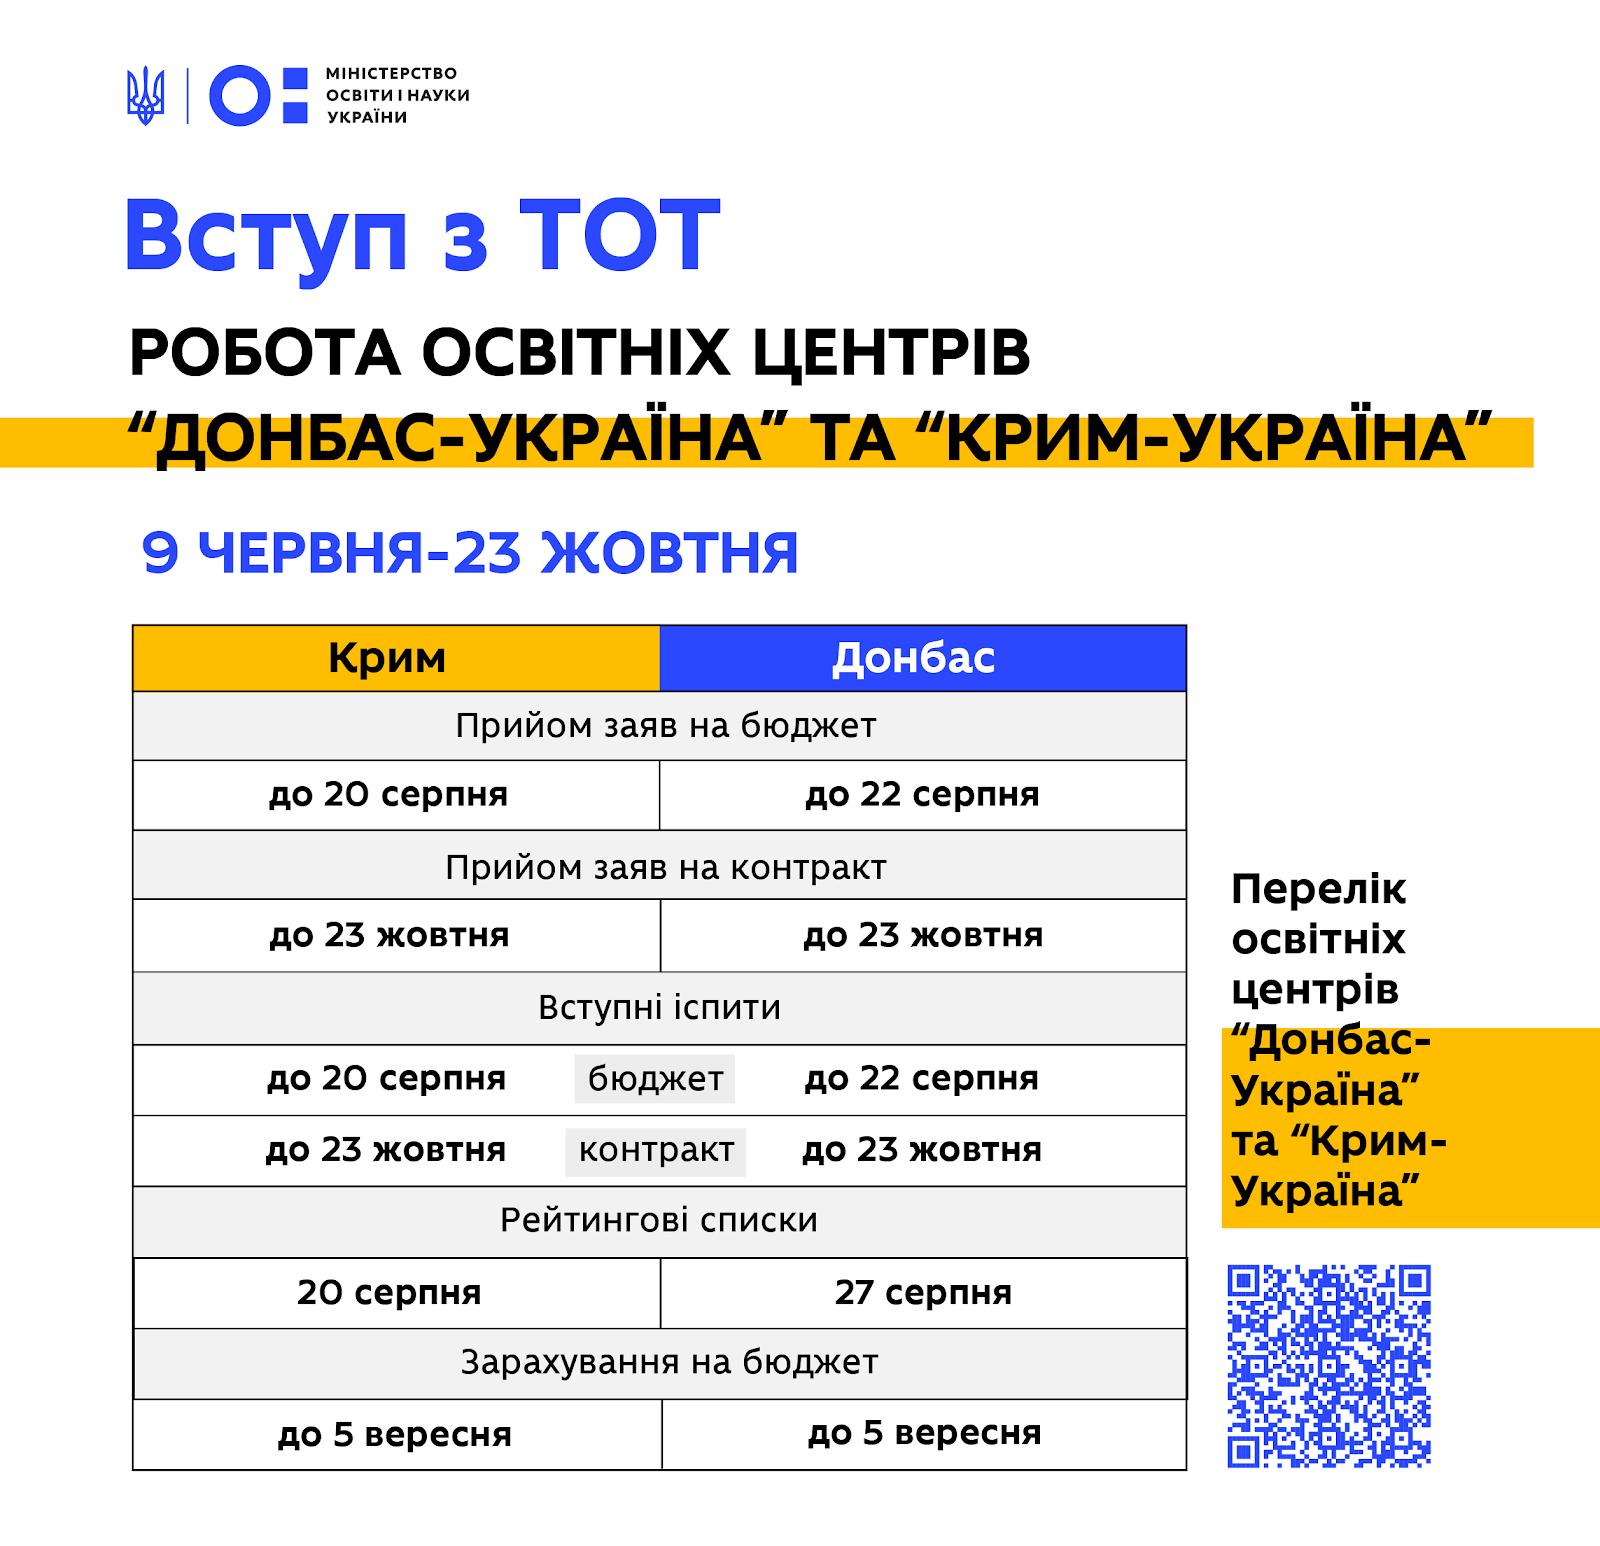 Абитуриентов из Крыма и неподконтрольного Донбасса будут зачислять в украинские ВУЗы без внешнего независимого оценивания